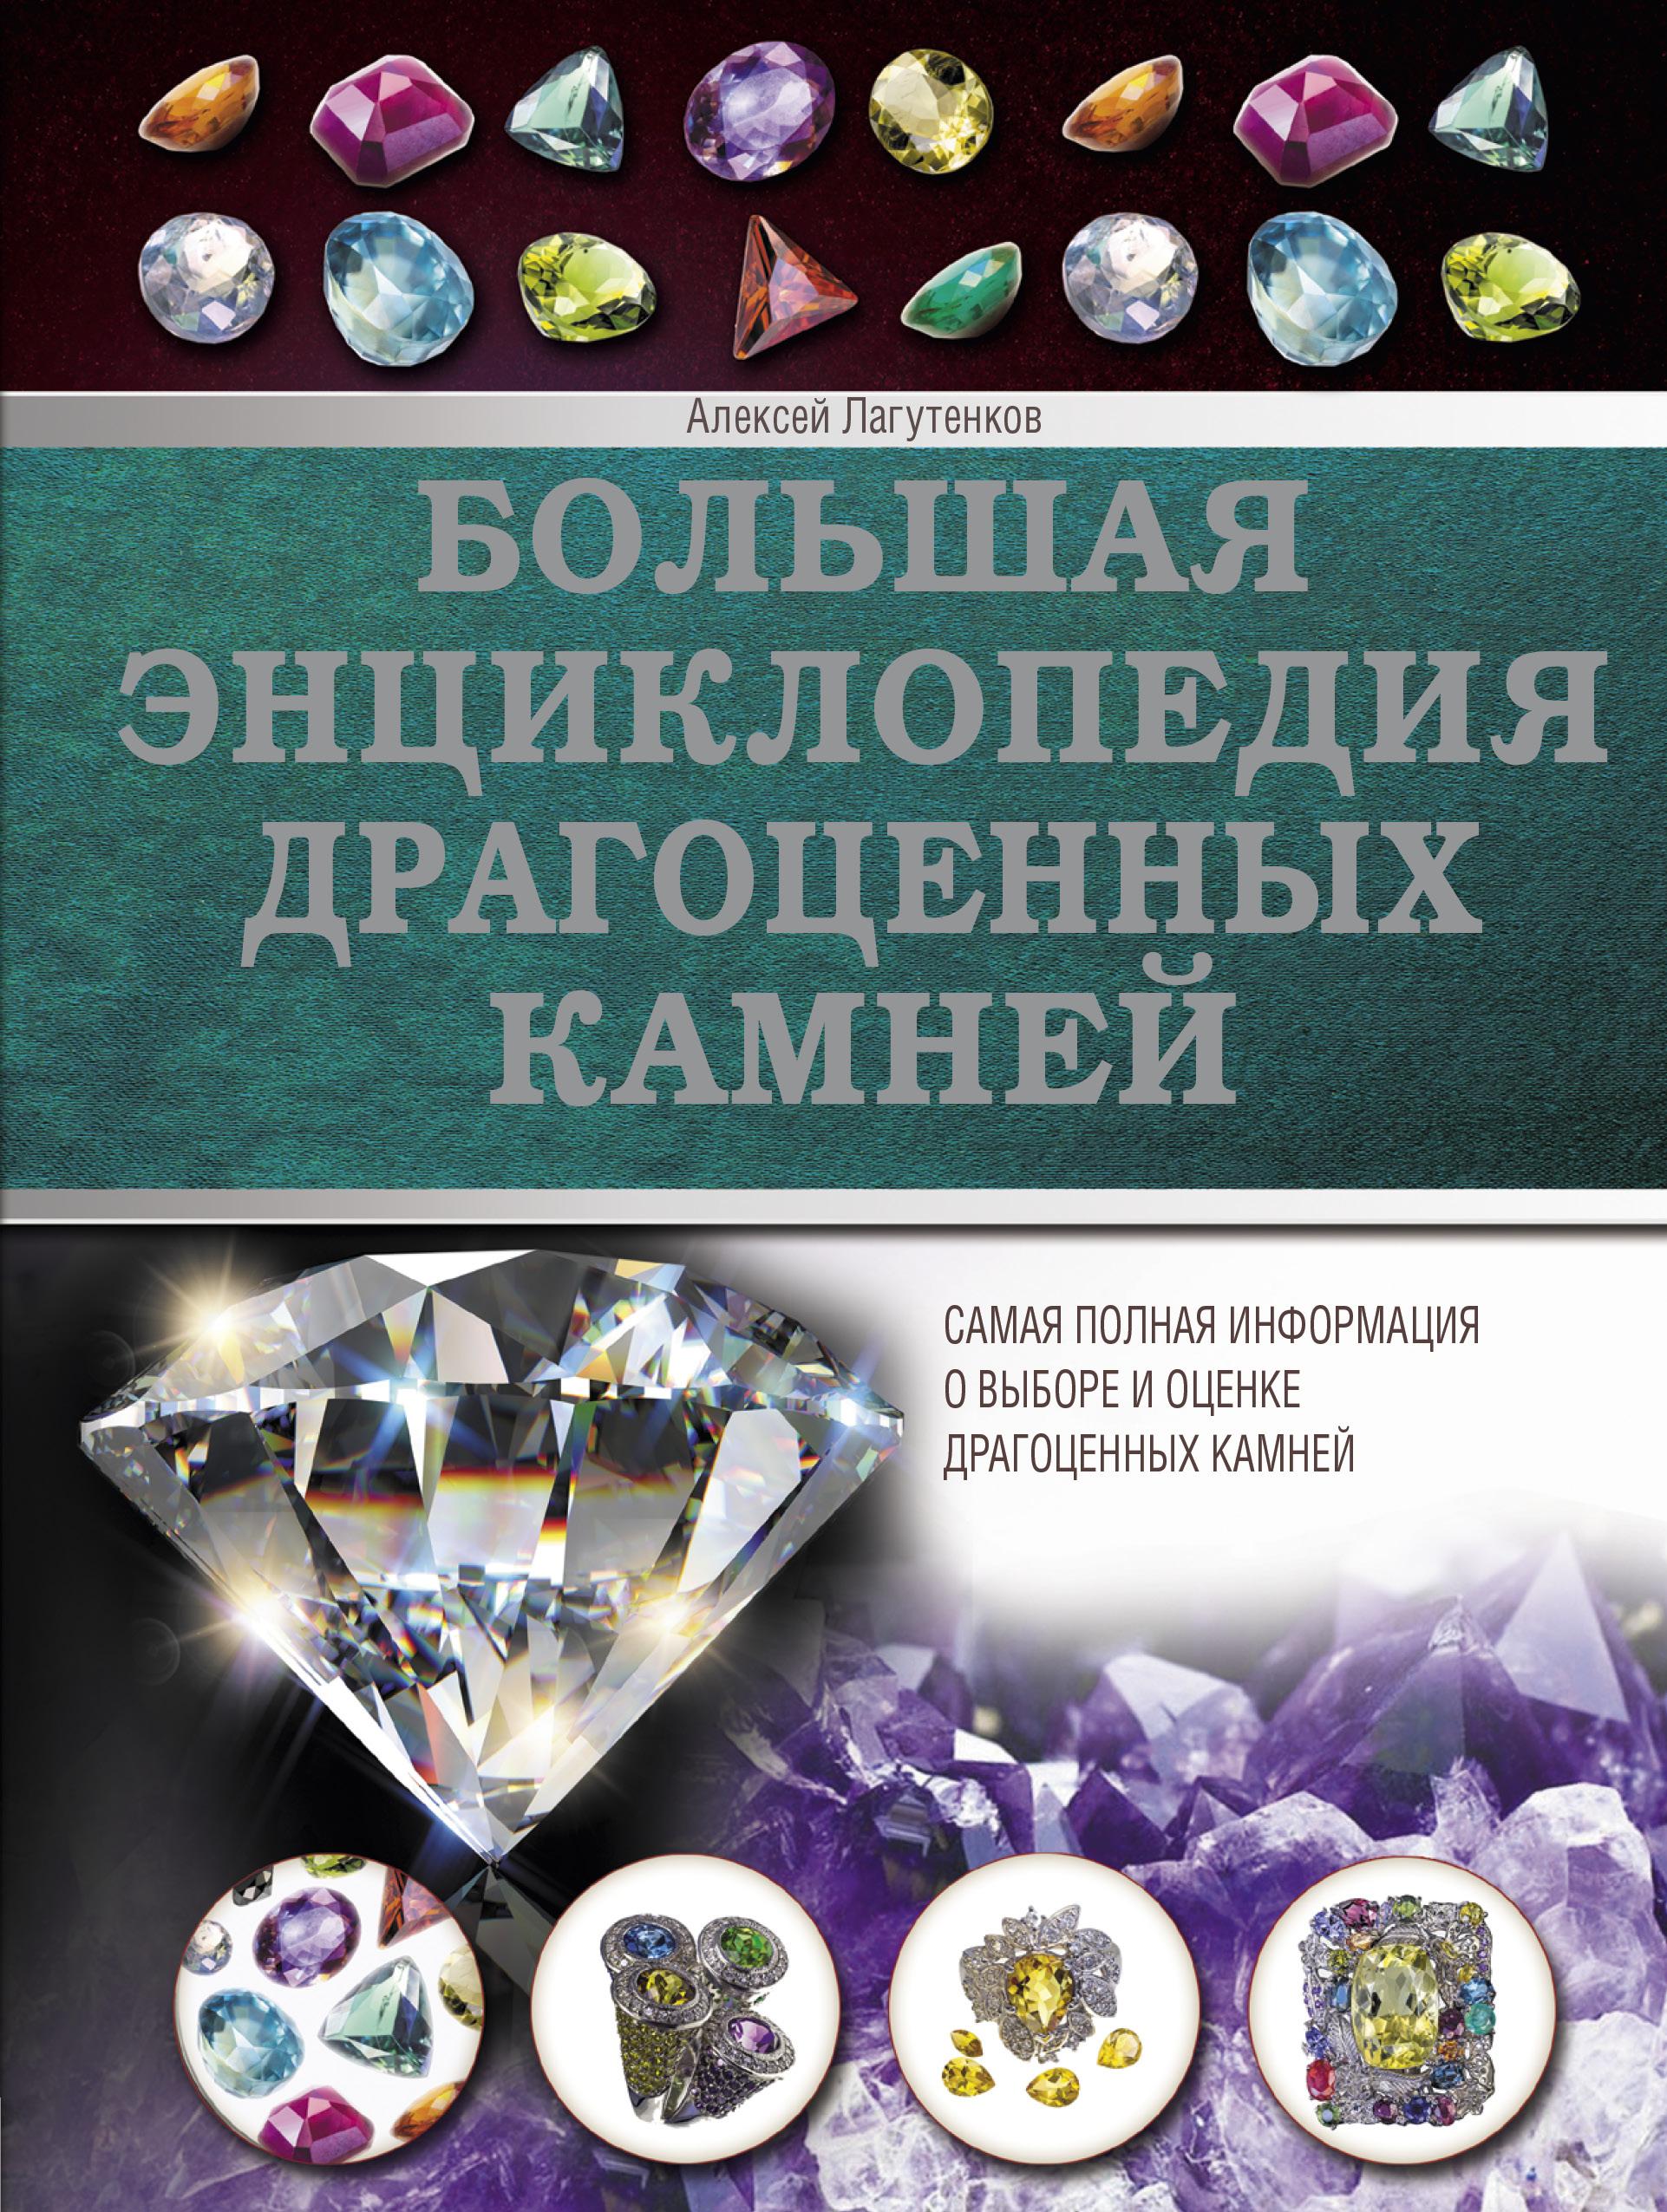 Большая энциклопедия драгоценных камней ( Лагутенков А.А.  )